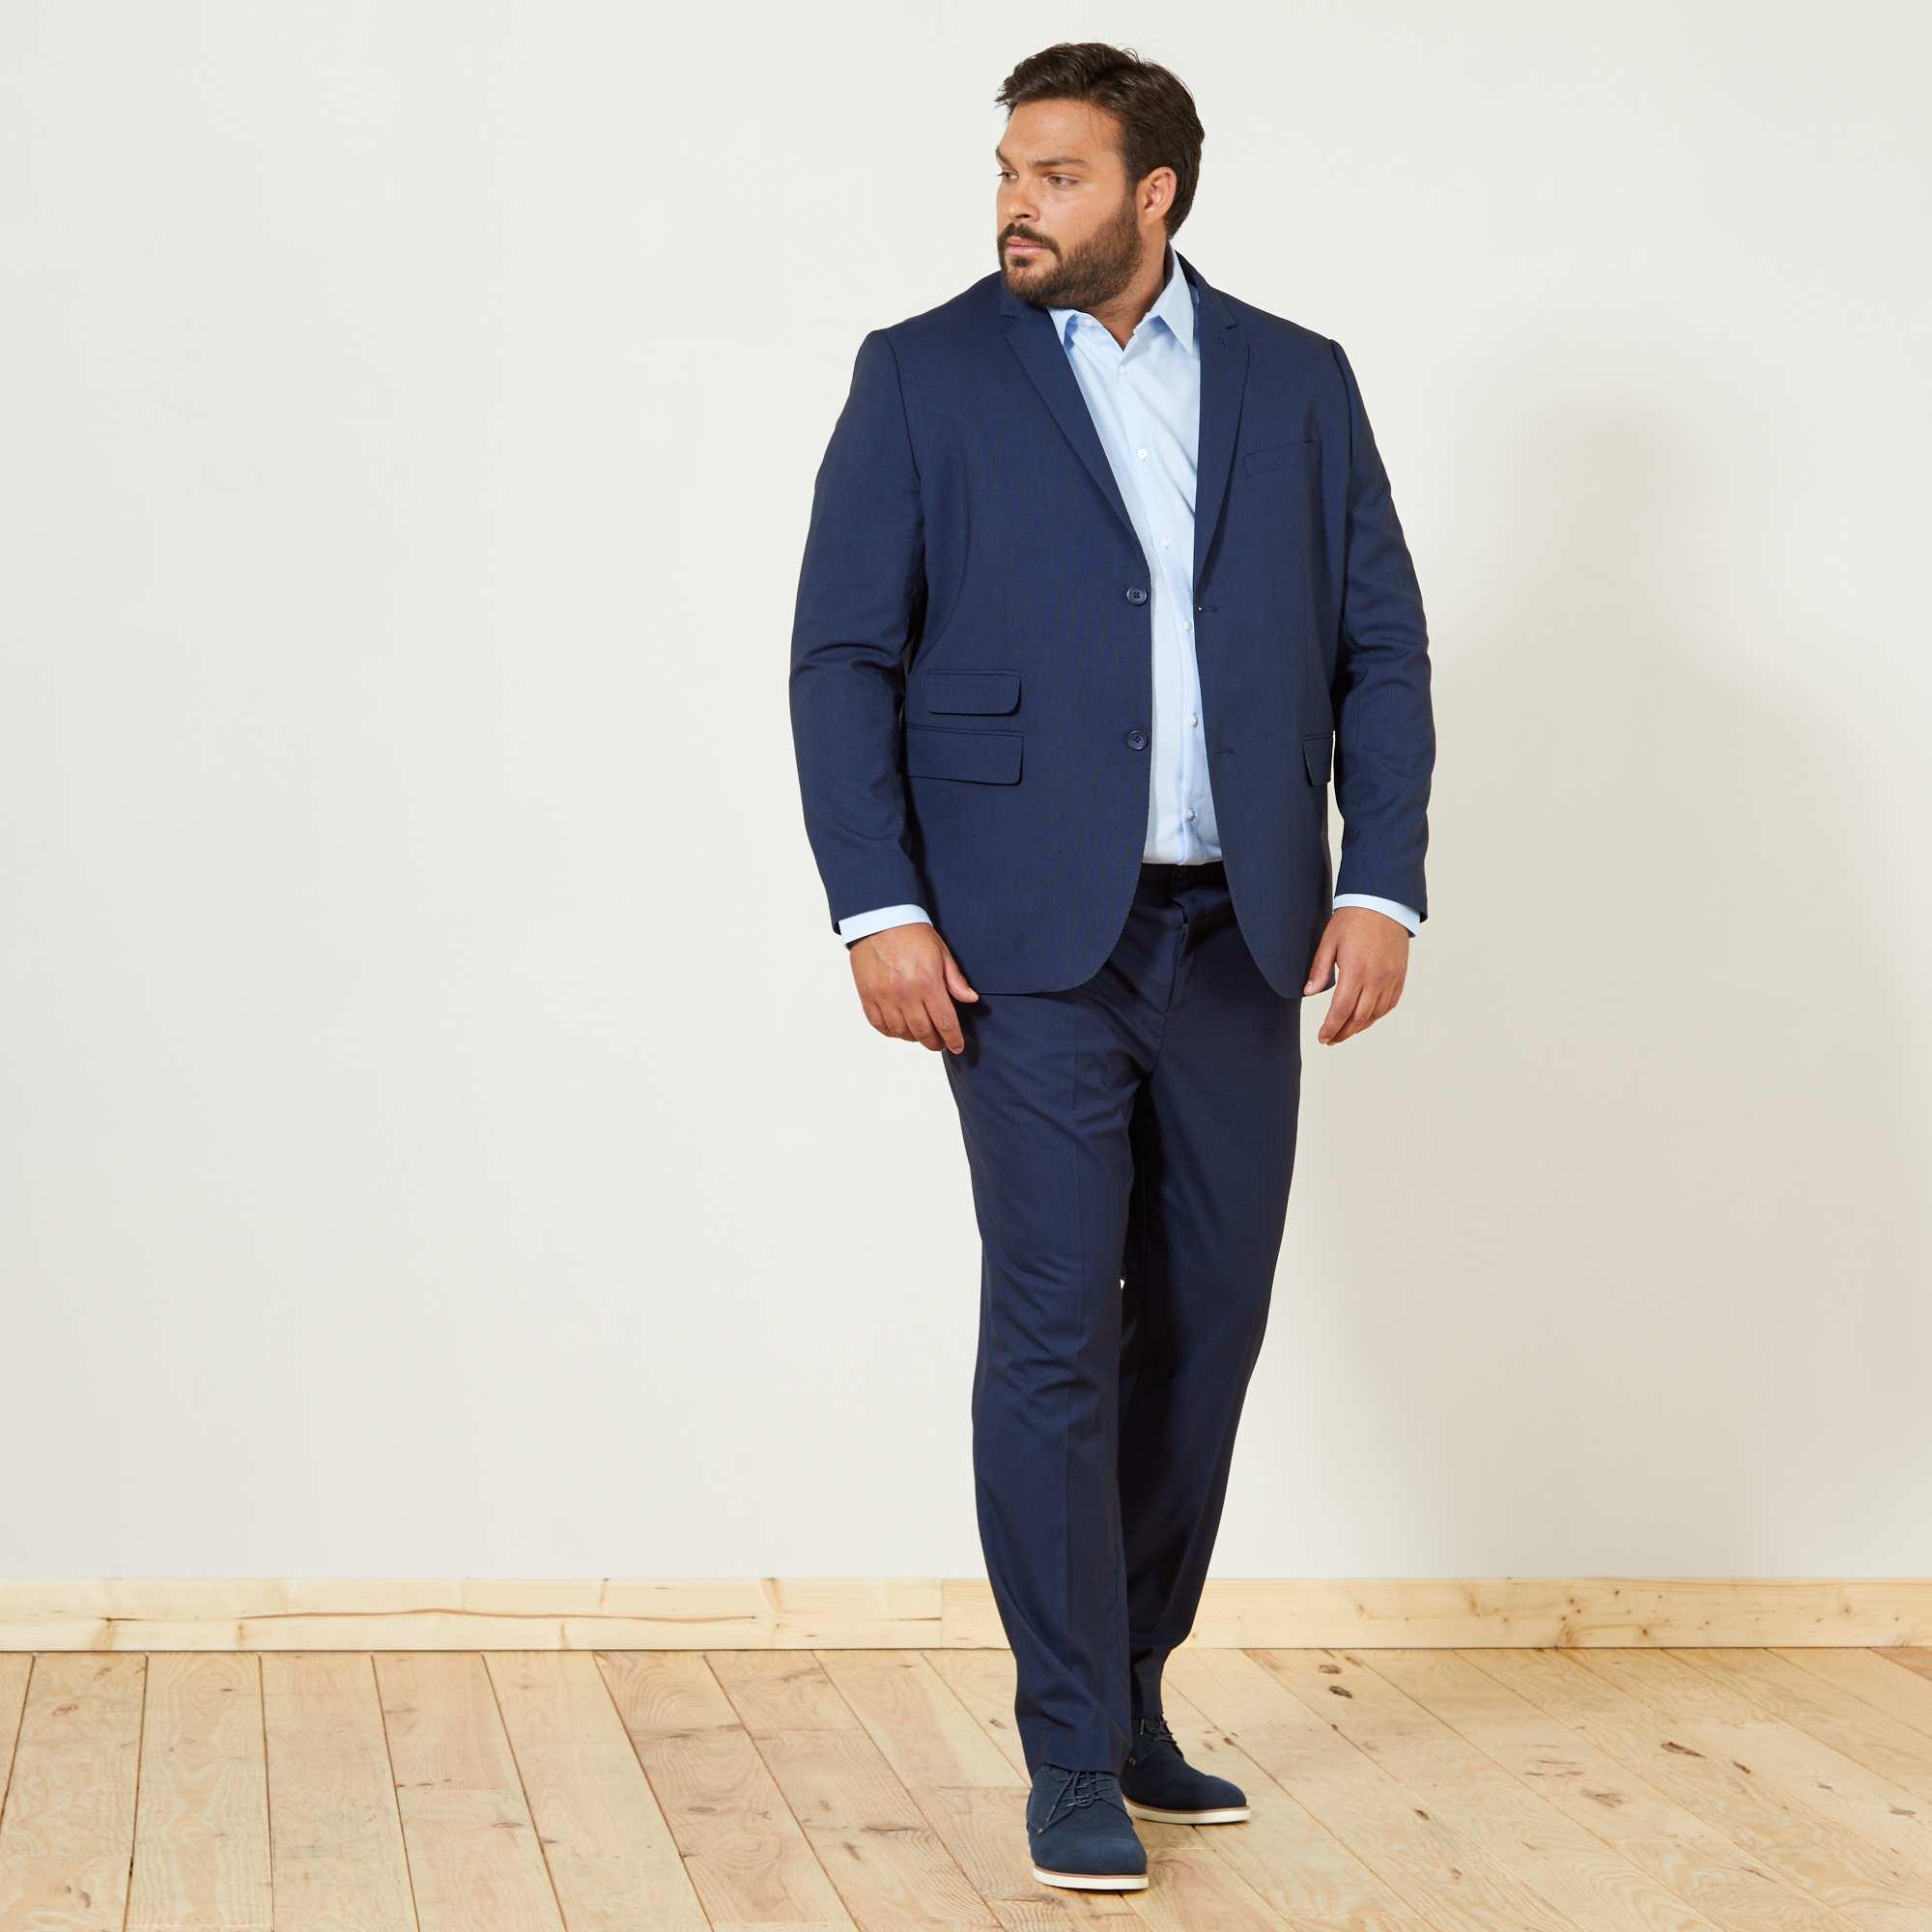 Couleur : bleu marine, , ,, - Taille : 70, 68, 64,62,60Vous apprécierez la coupe droite de cette veste de costume, confectionnée dans un beau